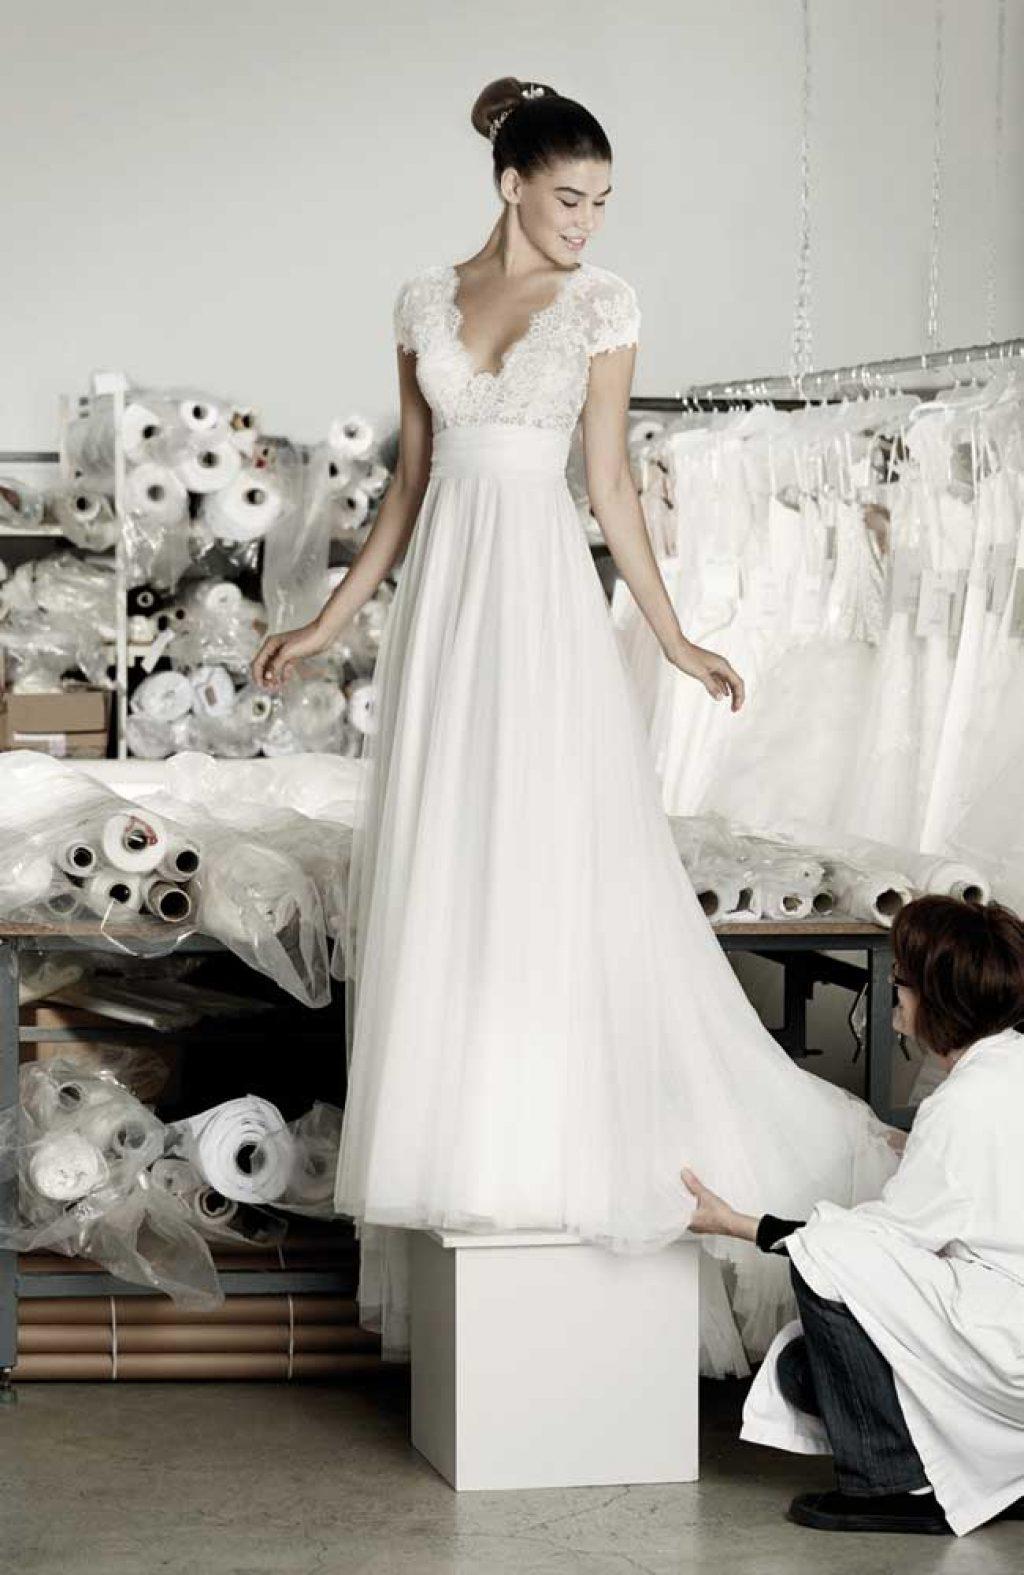 robe de mariée clermont ferrand - 64% remise